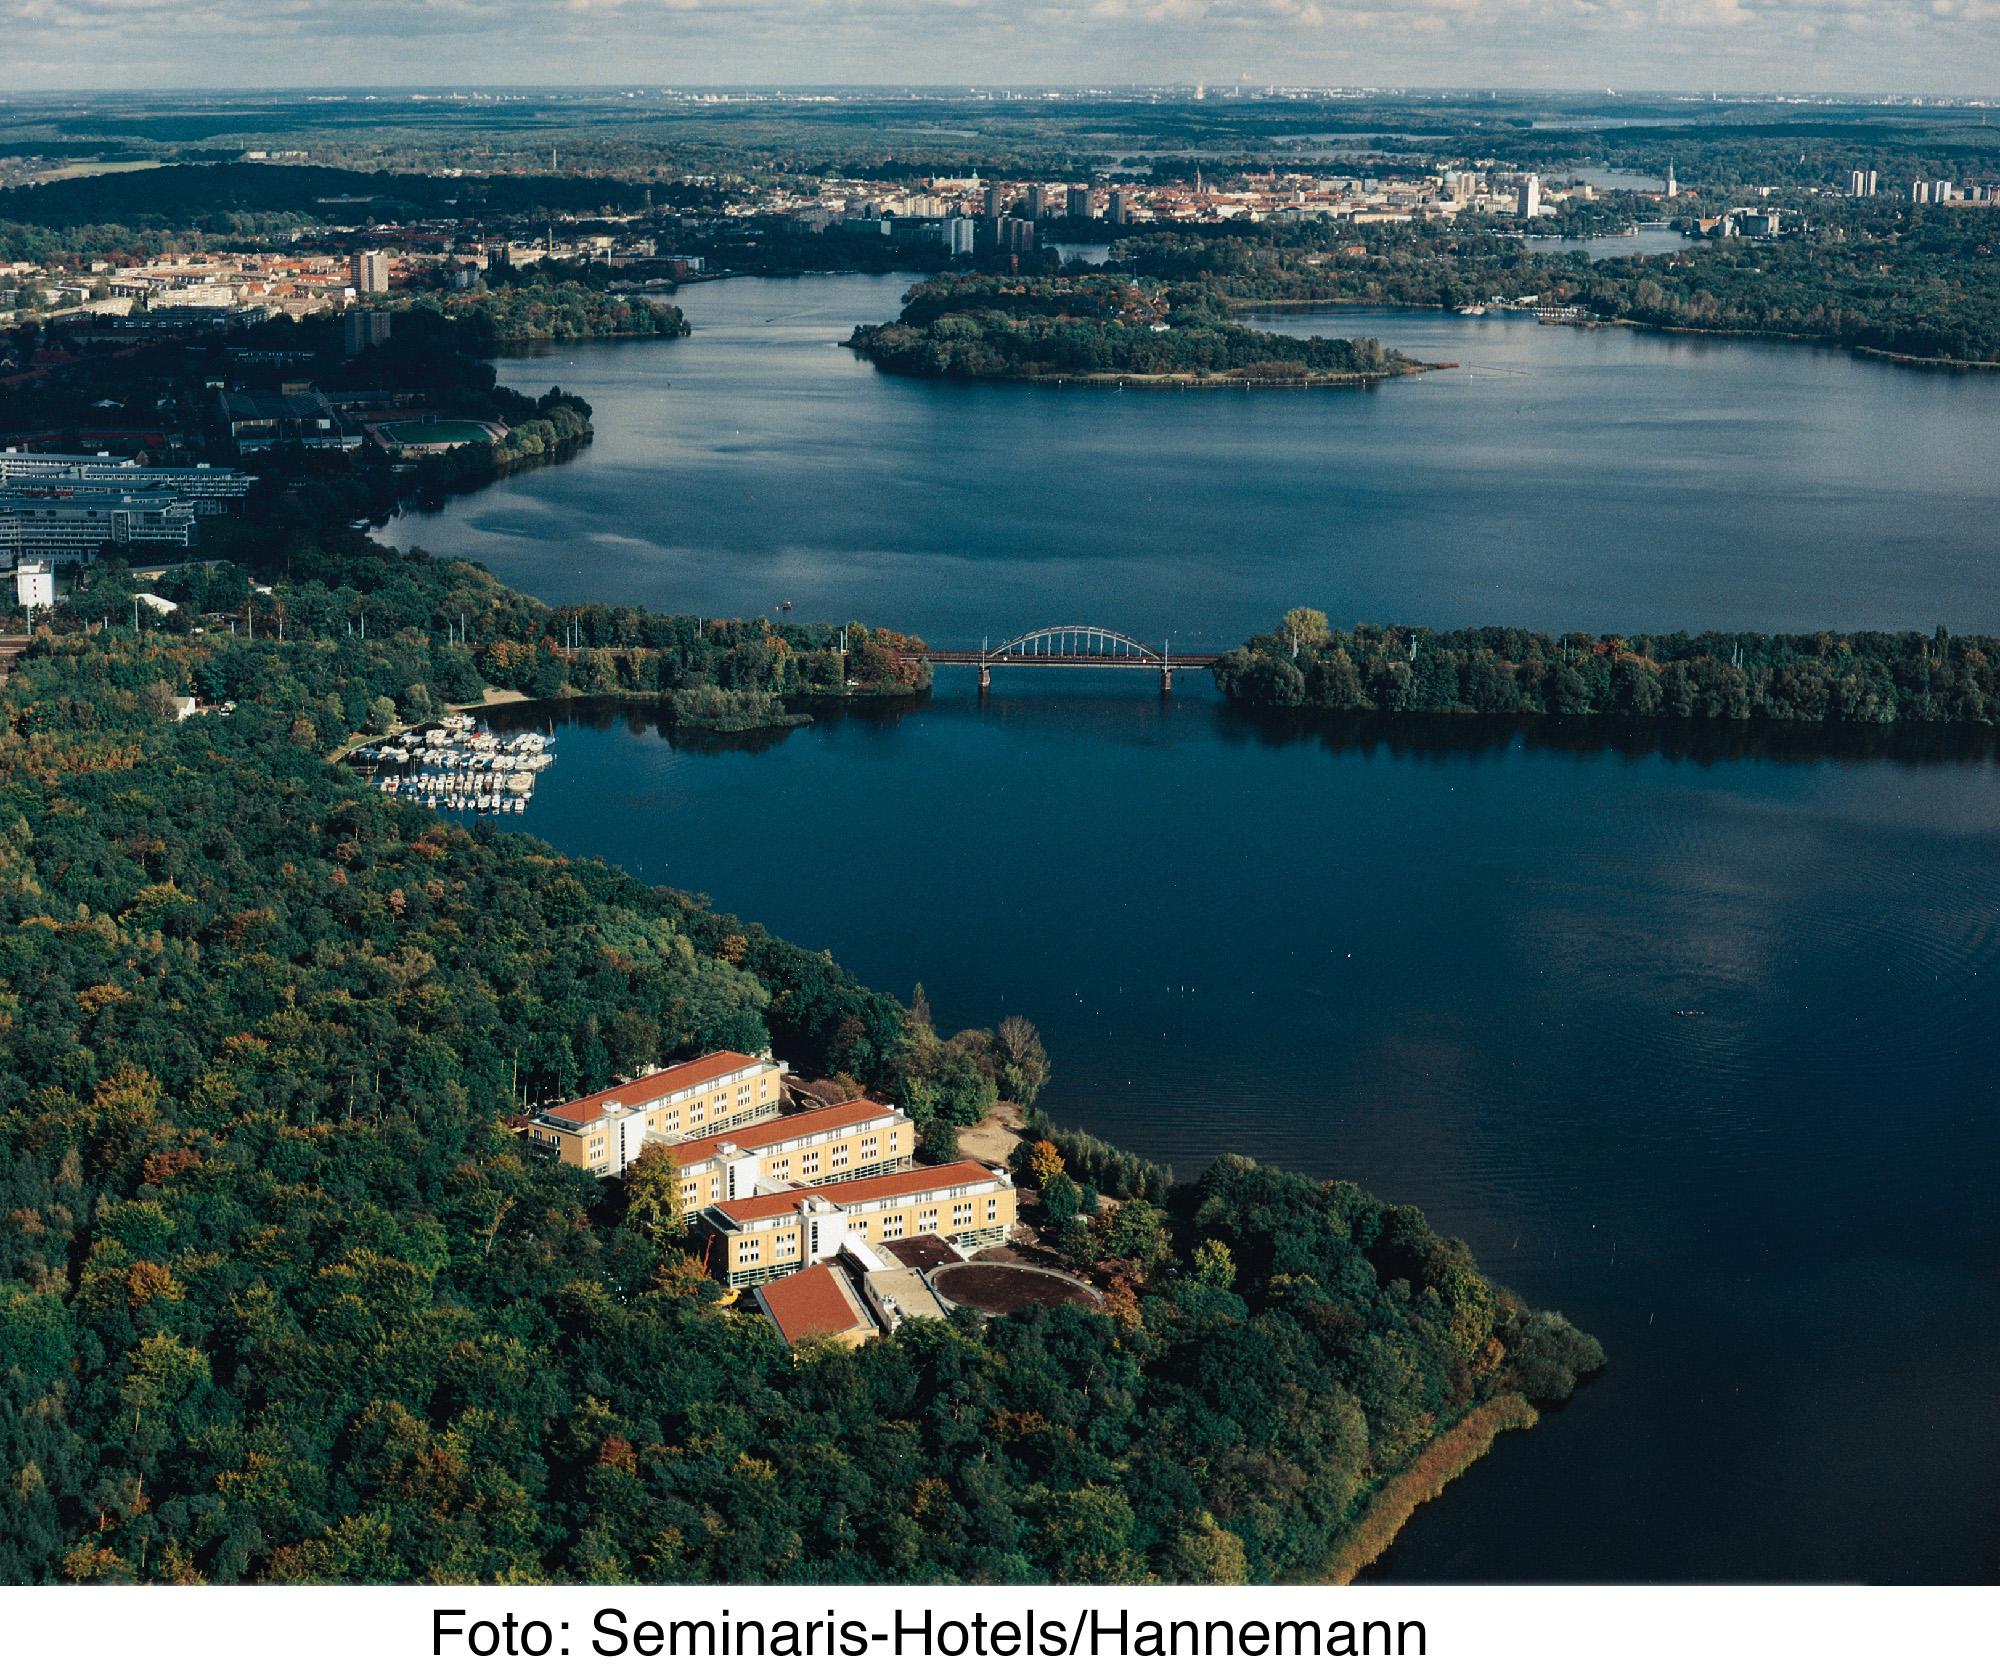 Seminaris Hotel Berlin